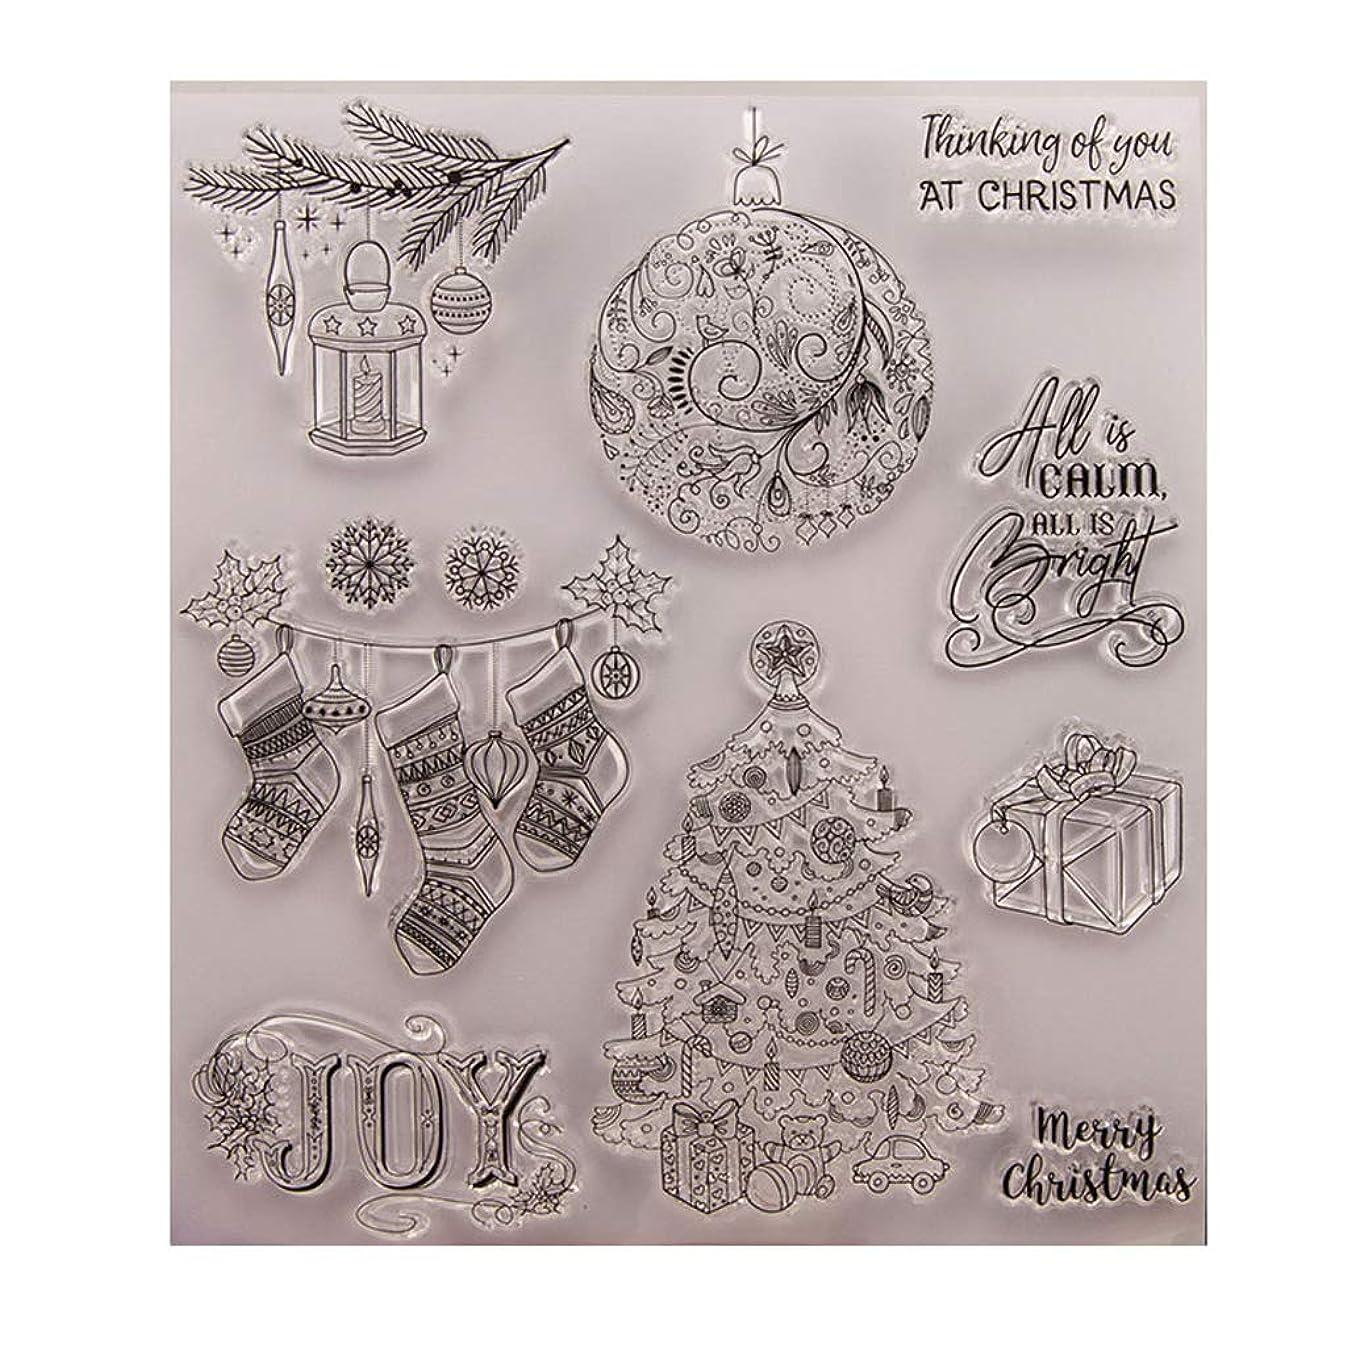 排他的コジオスコ反逆Baoyouls クリスマスギフト、クリアスタンプ、透明クリエイティブバッジ画像ラバースタンプシールDIYアルバムクラフトスクラップブックデコレーション、カレンダー